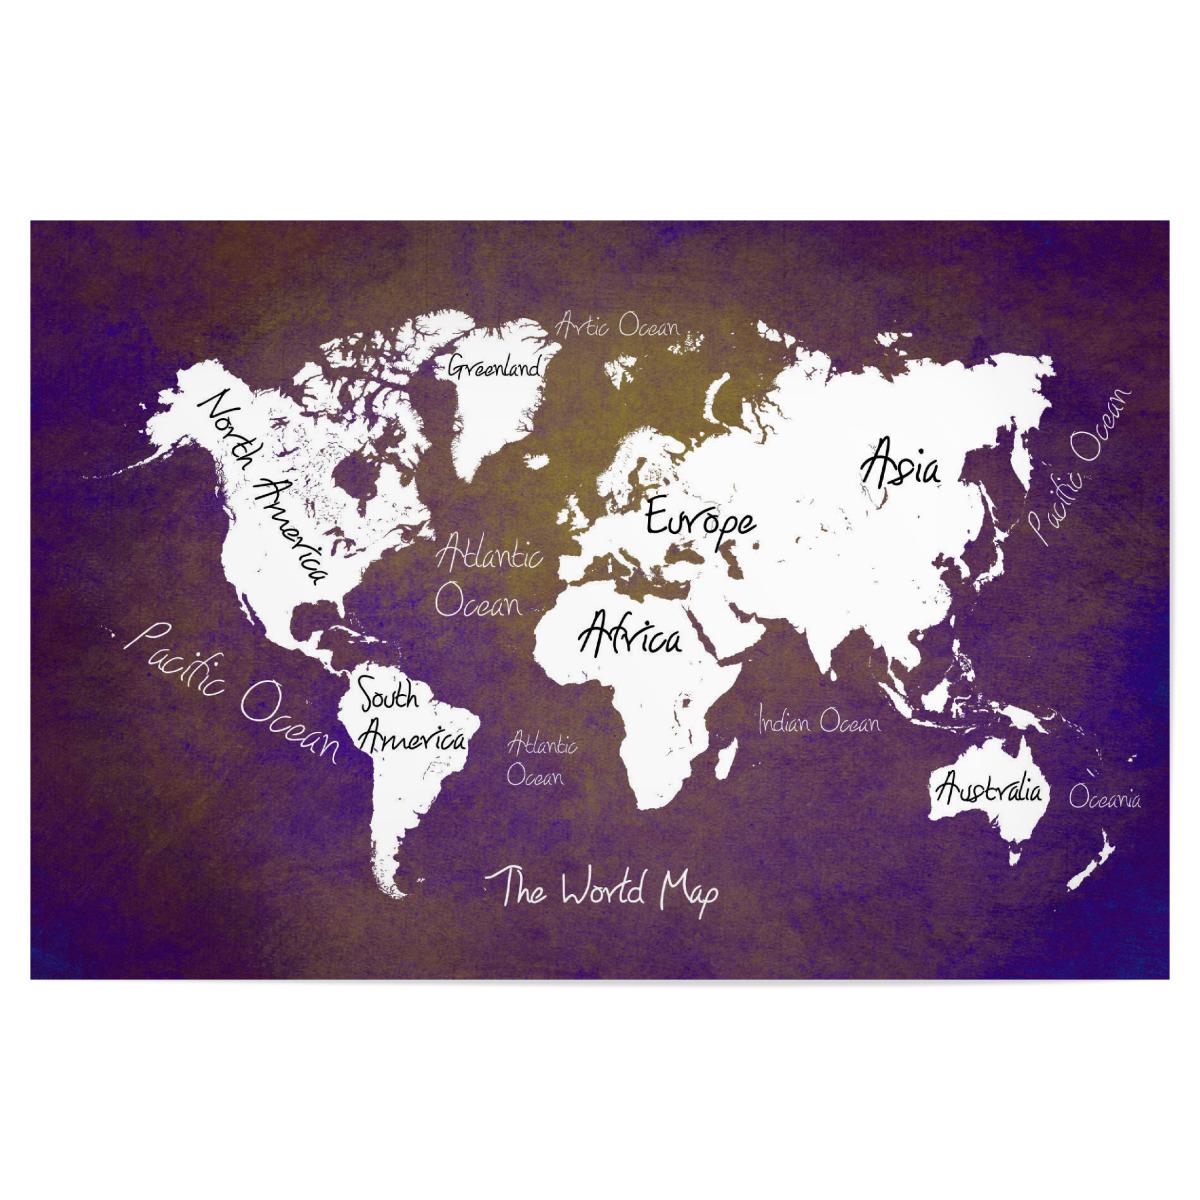 world map 24 purple text als Poster bei artboxONE kaufen